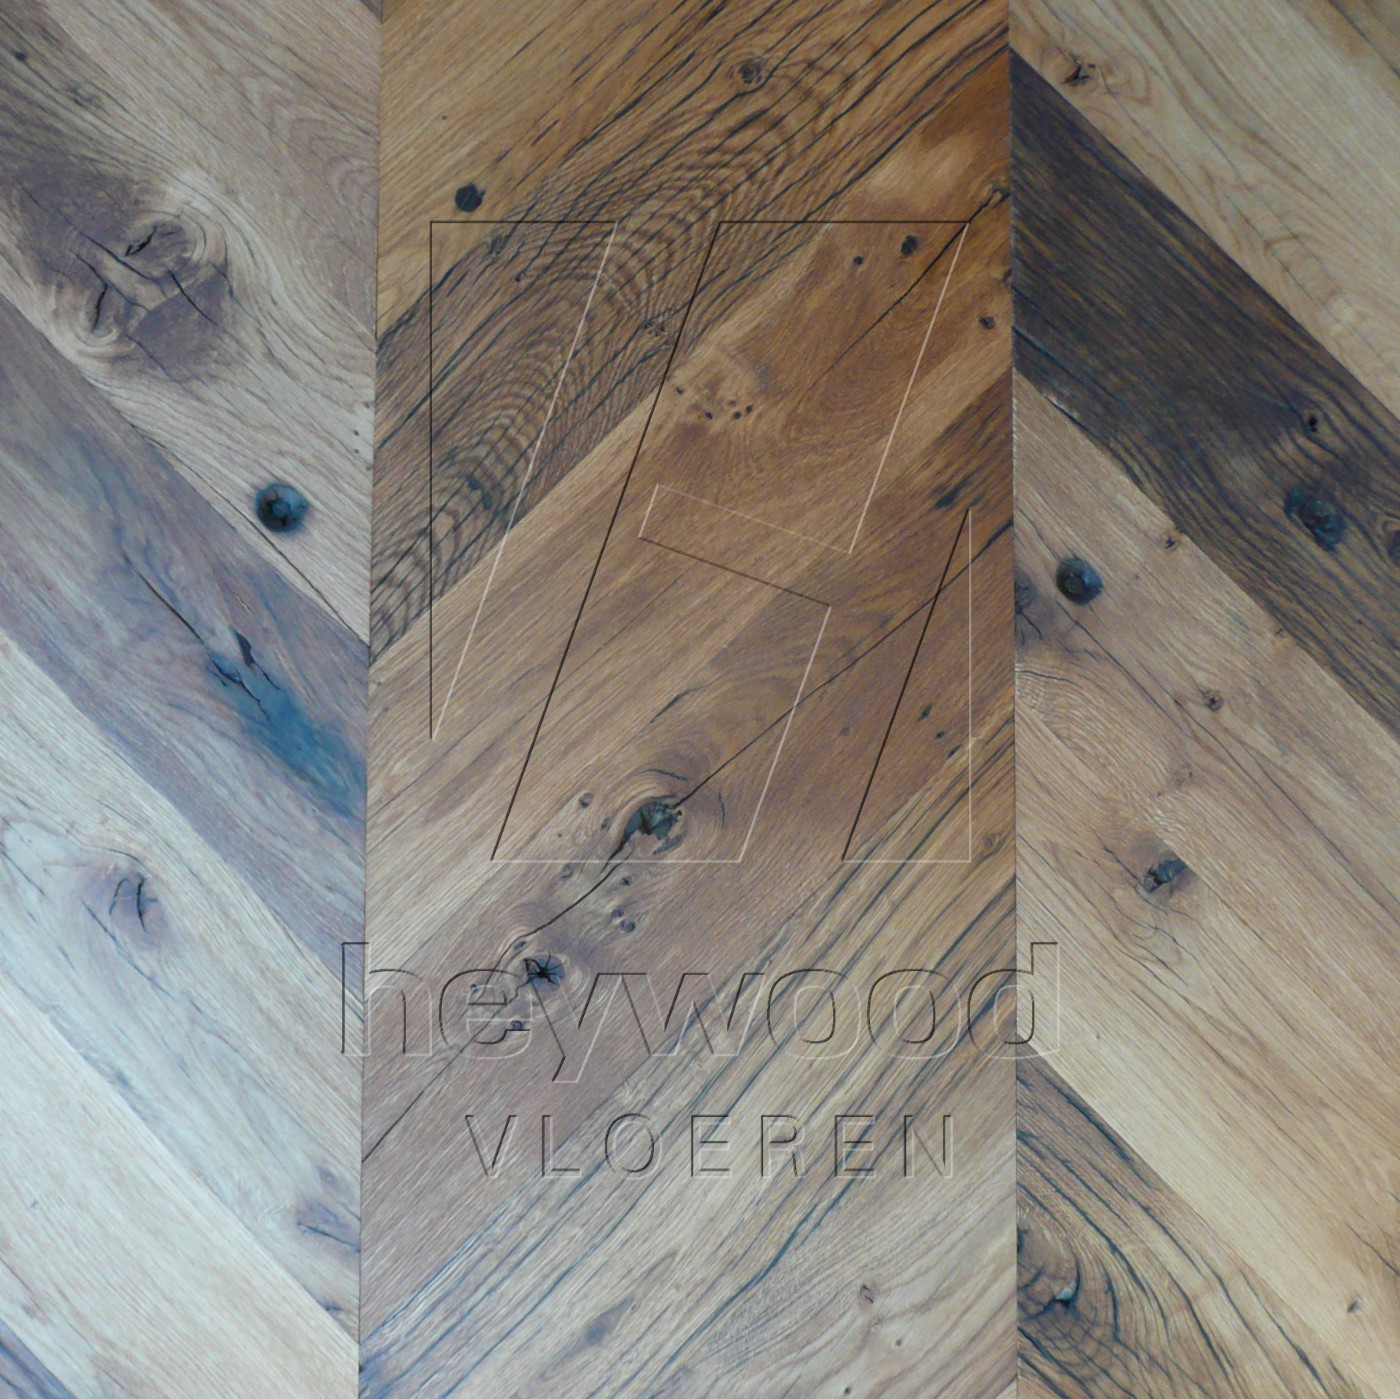 Stellenbosch (unoiled) Reclaimed Oak in Chevron of Pattern & Panel Floors